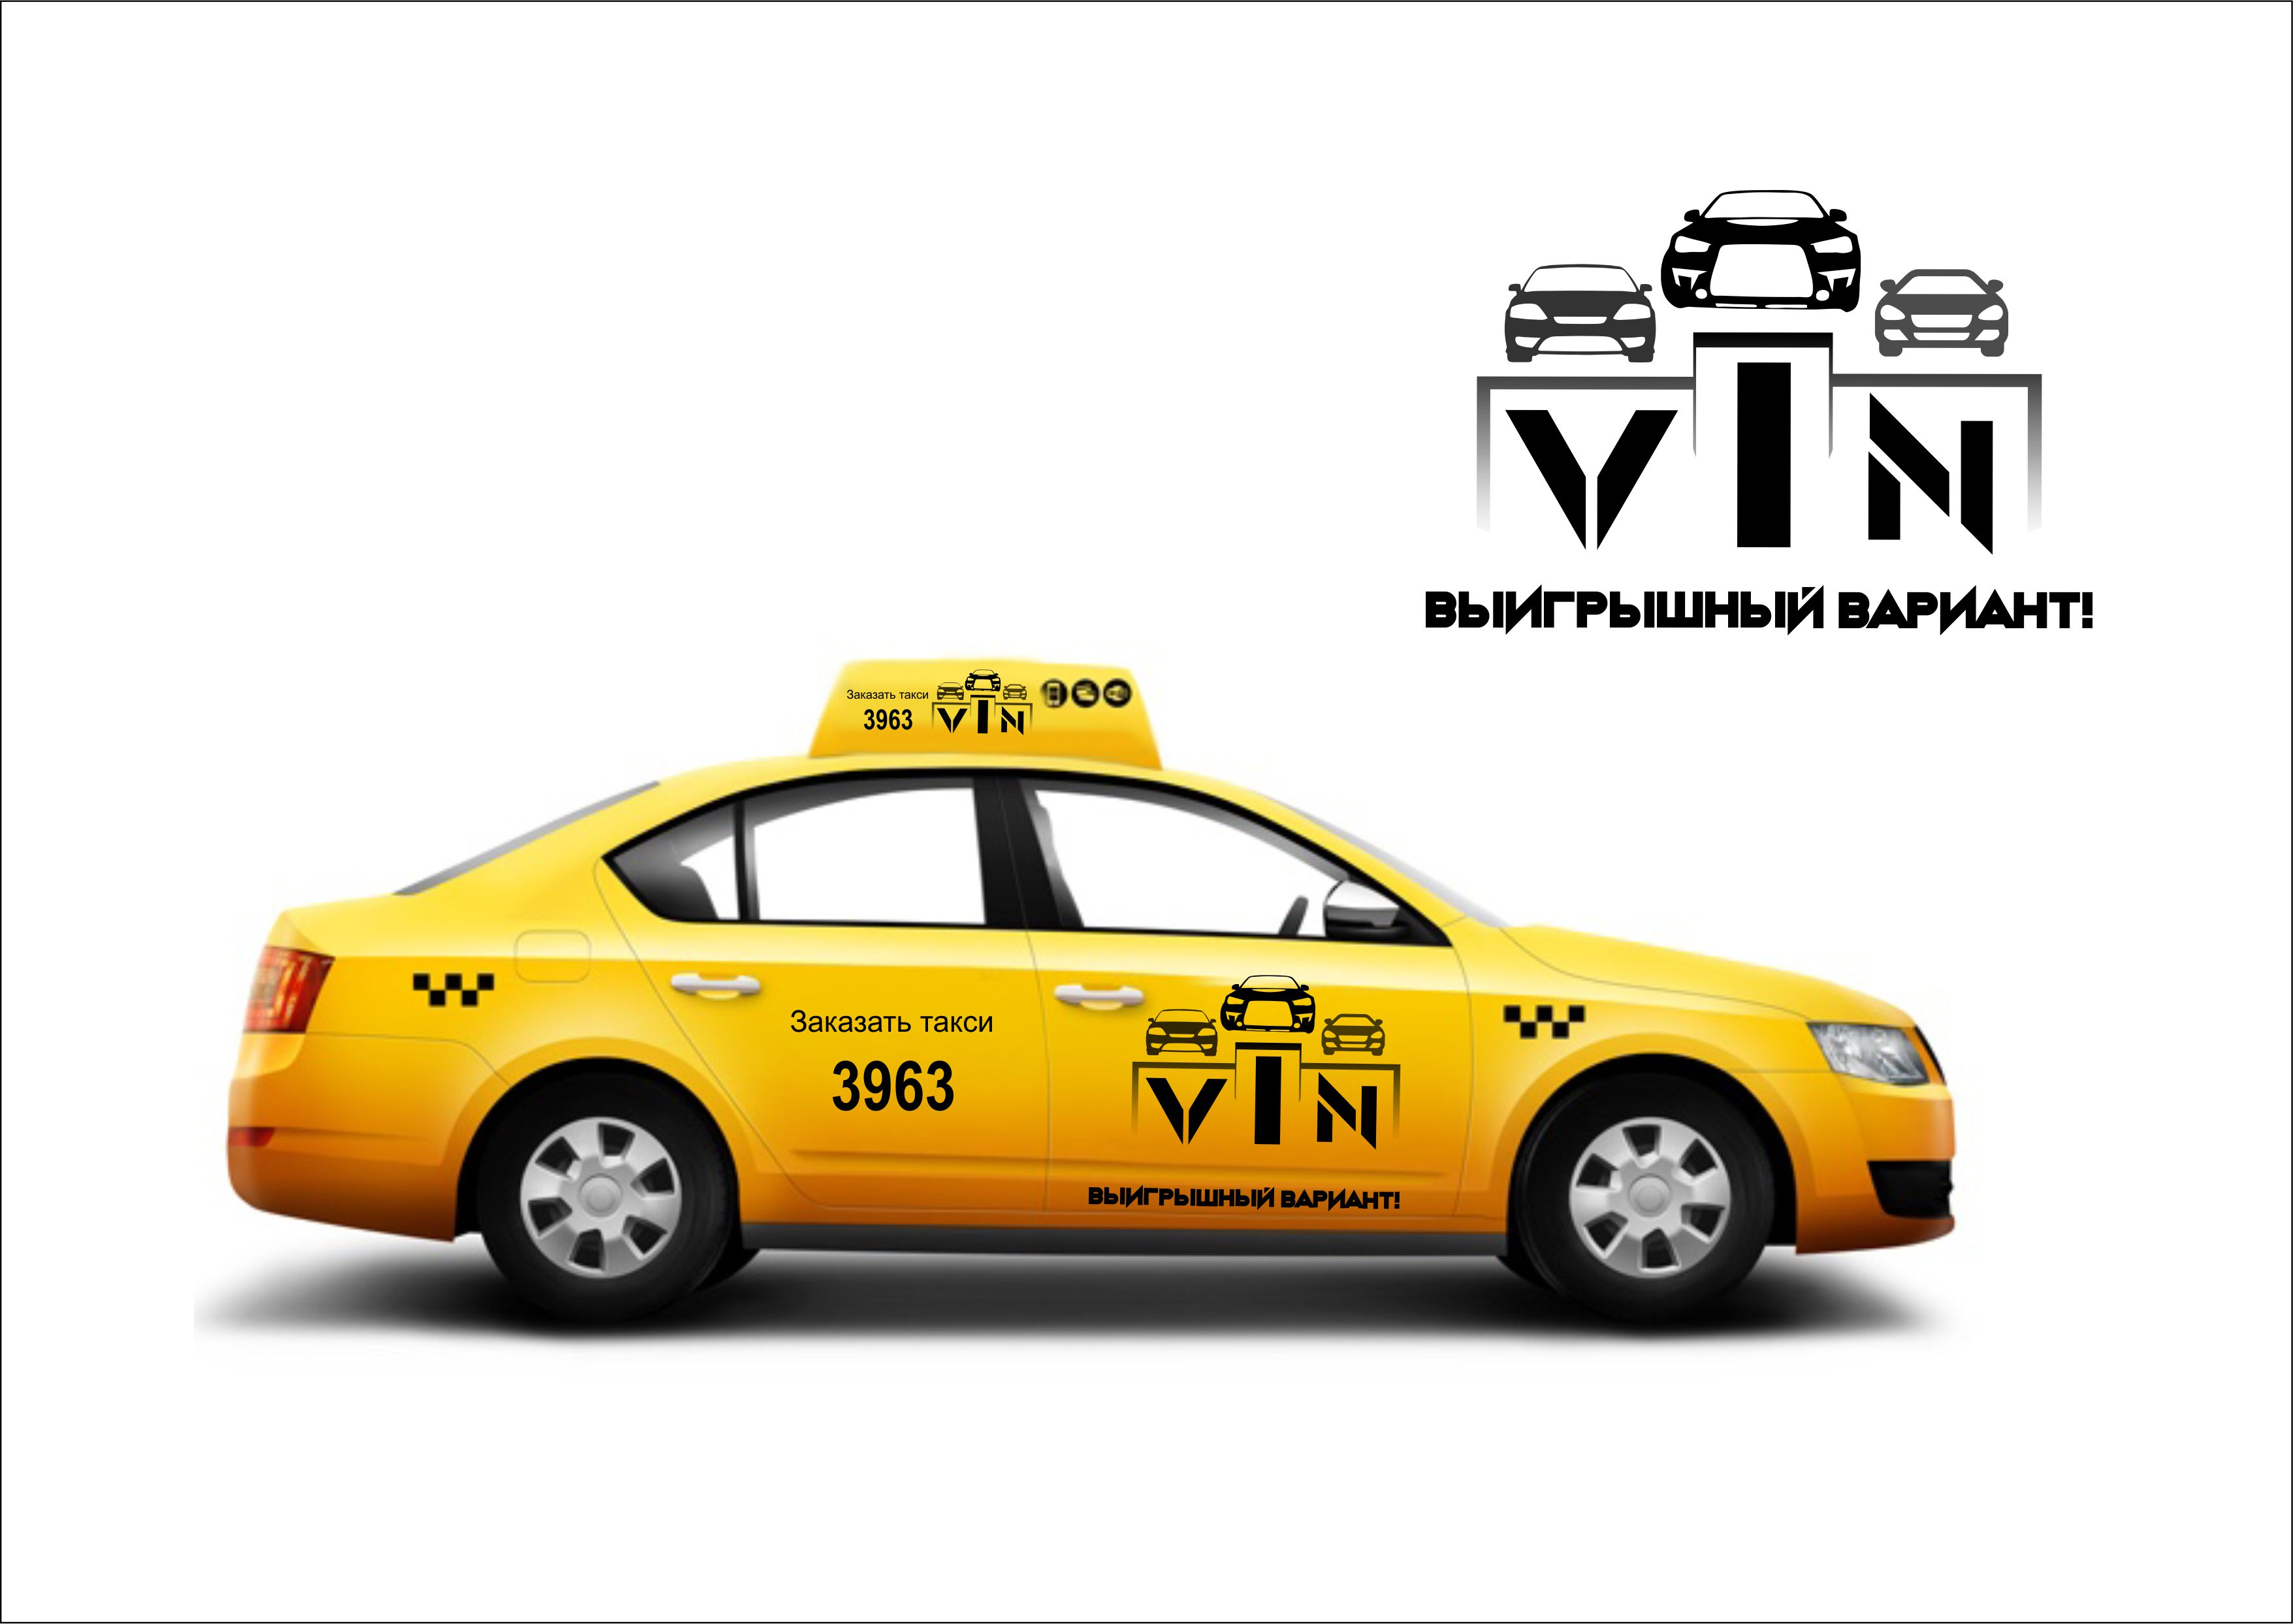 Разработка логотипа и фирменного стиля для такси фото f_1585b9ce34f552da.jpg